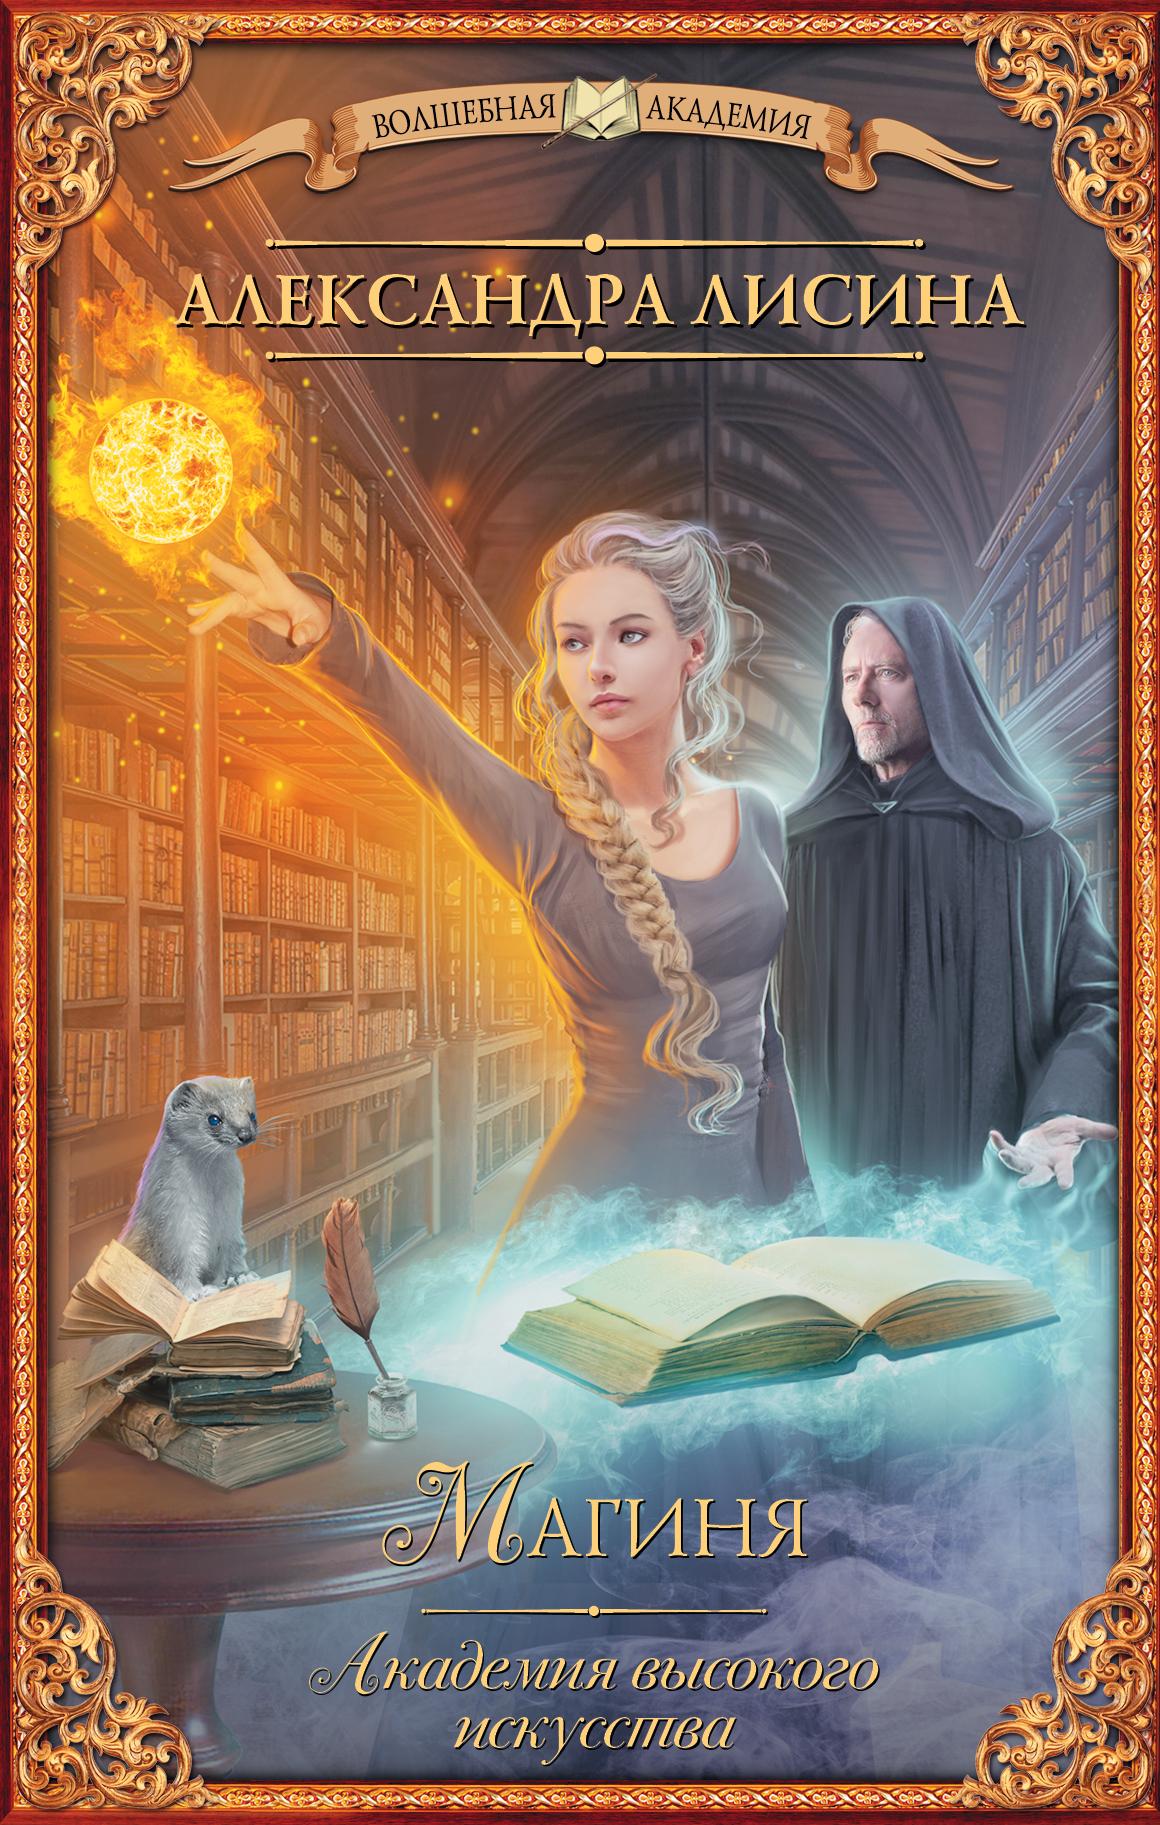 Лисина А. Академия высокого искусства. Магиня ISBN: 978-5-17-100806-2 александра лисина ученица боевого мага